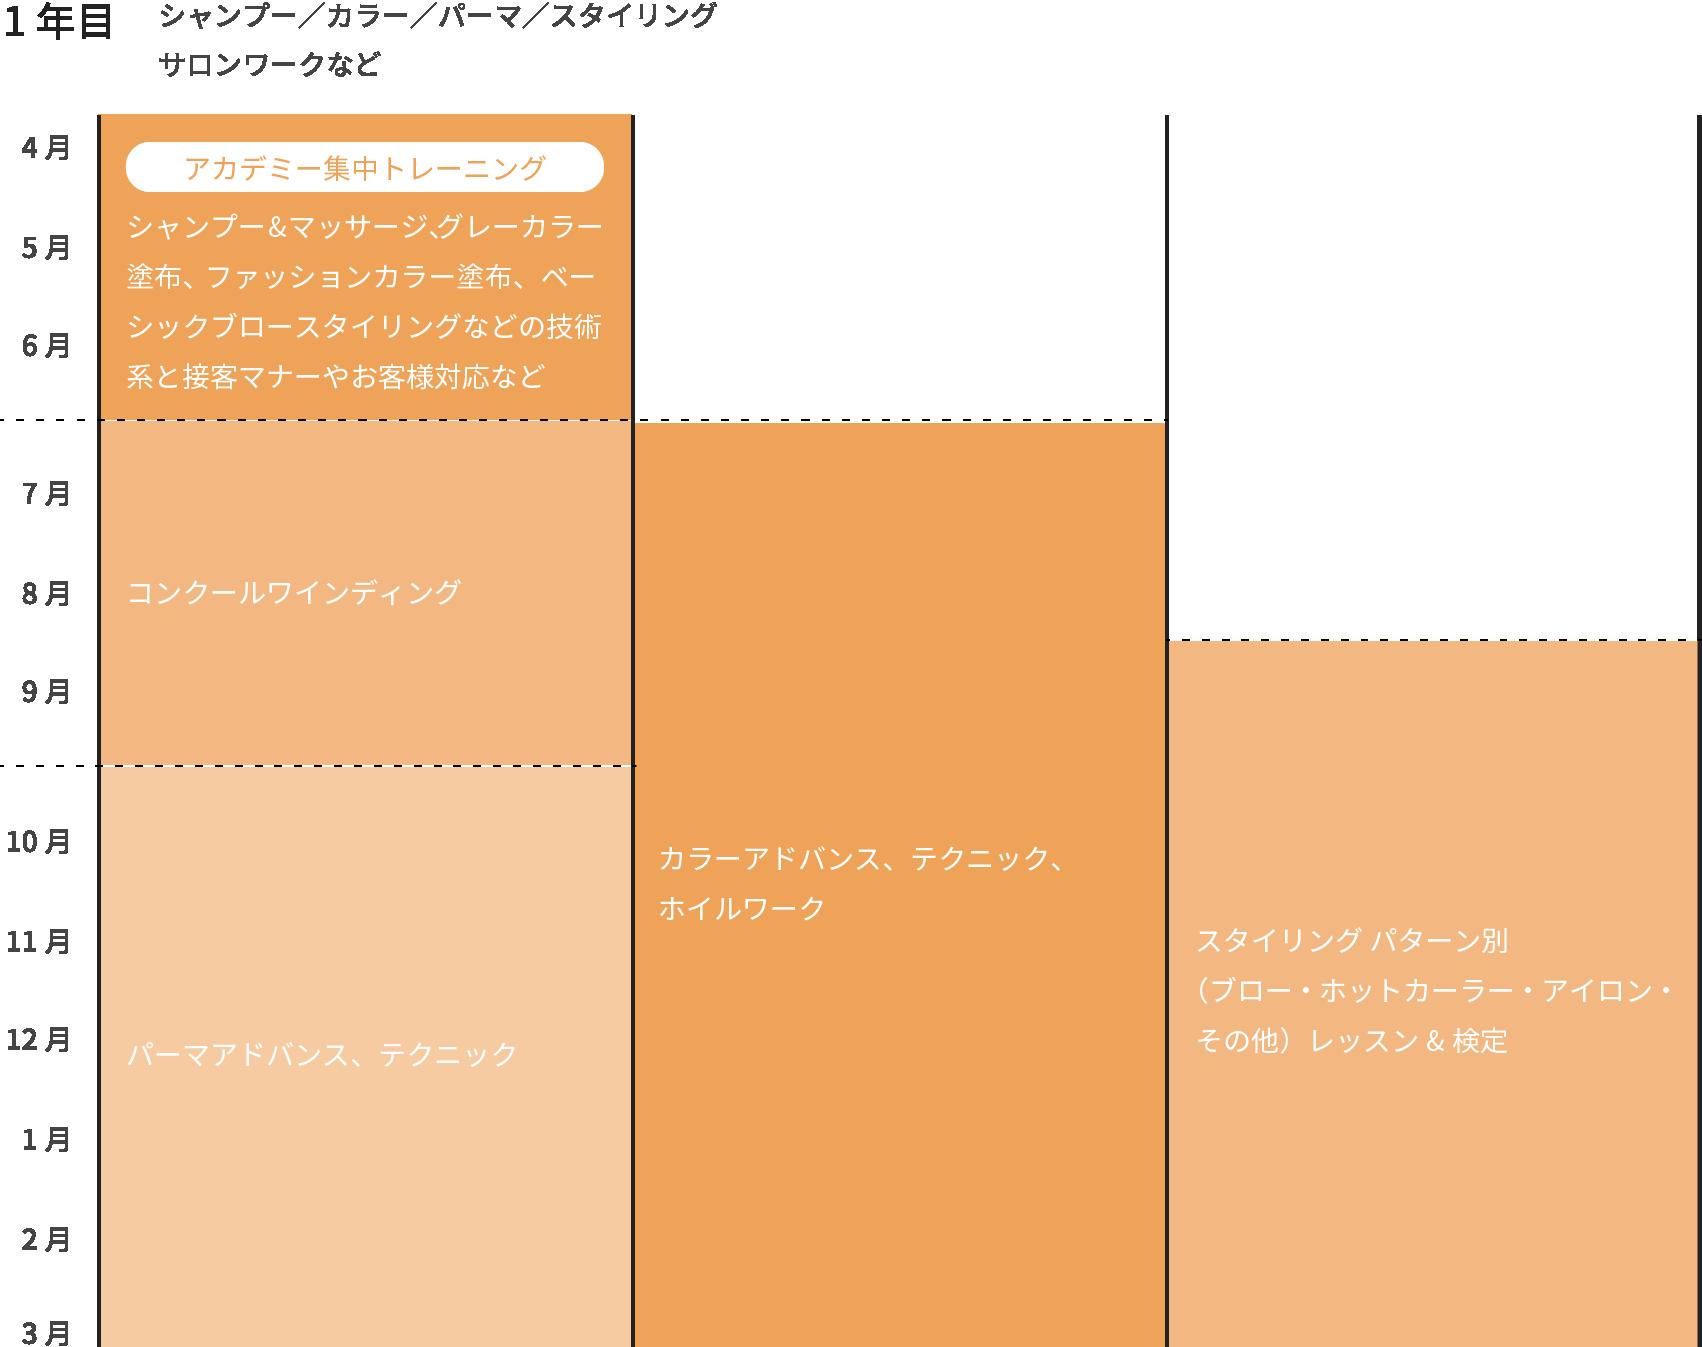 1年目 シャンプー/カラー/パーマ/スタイリング/サロンワークなど